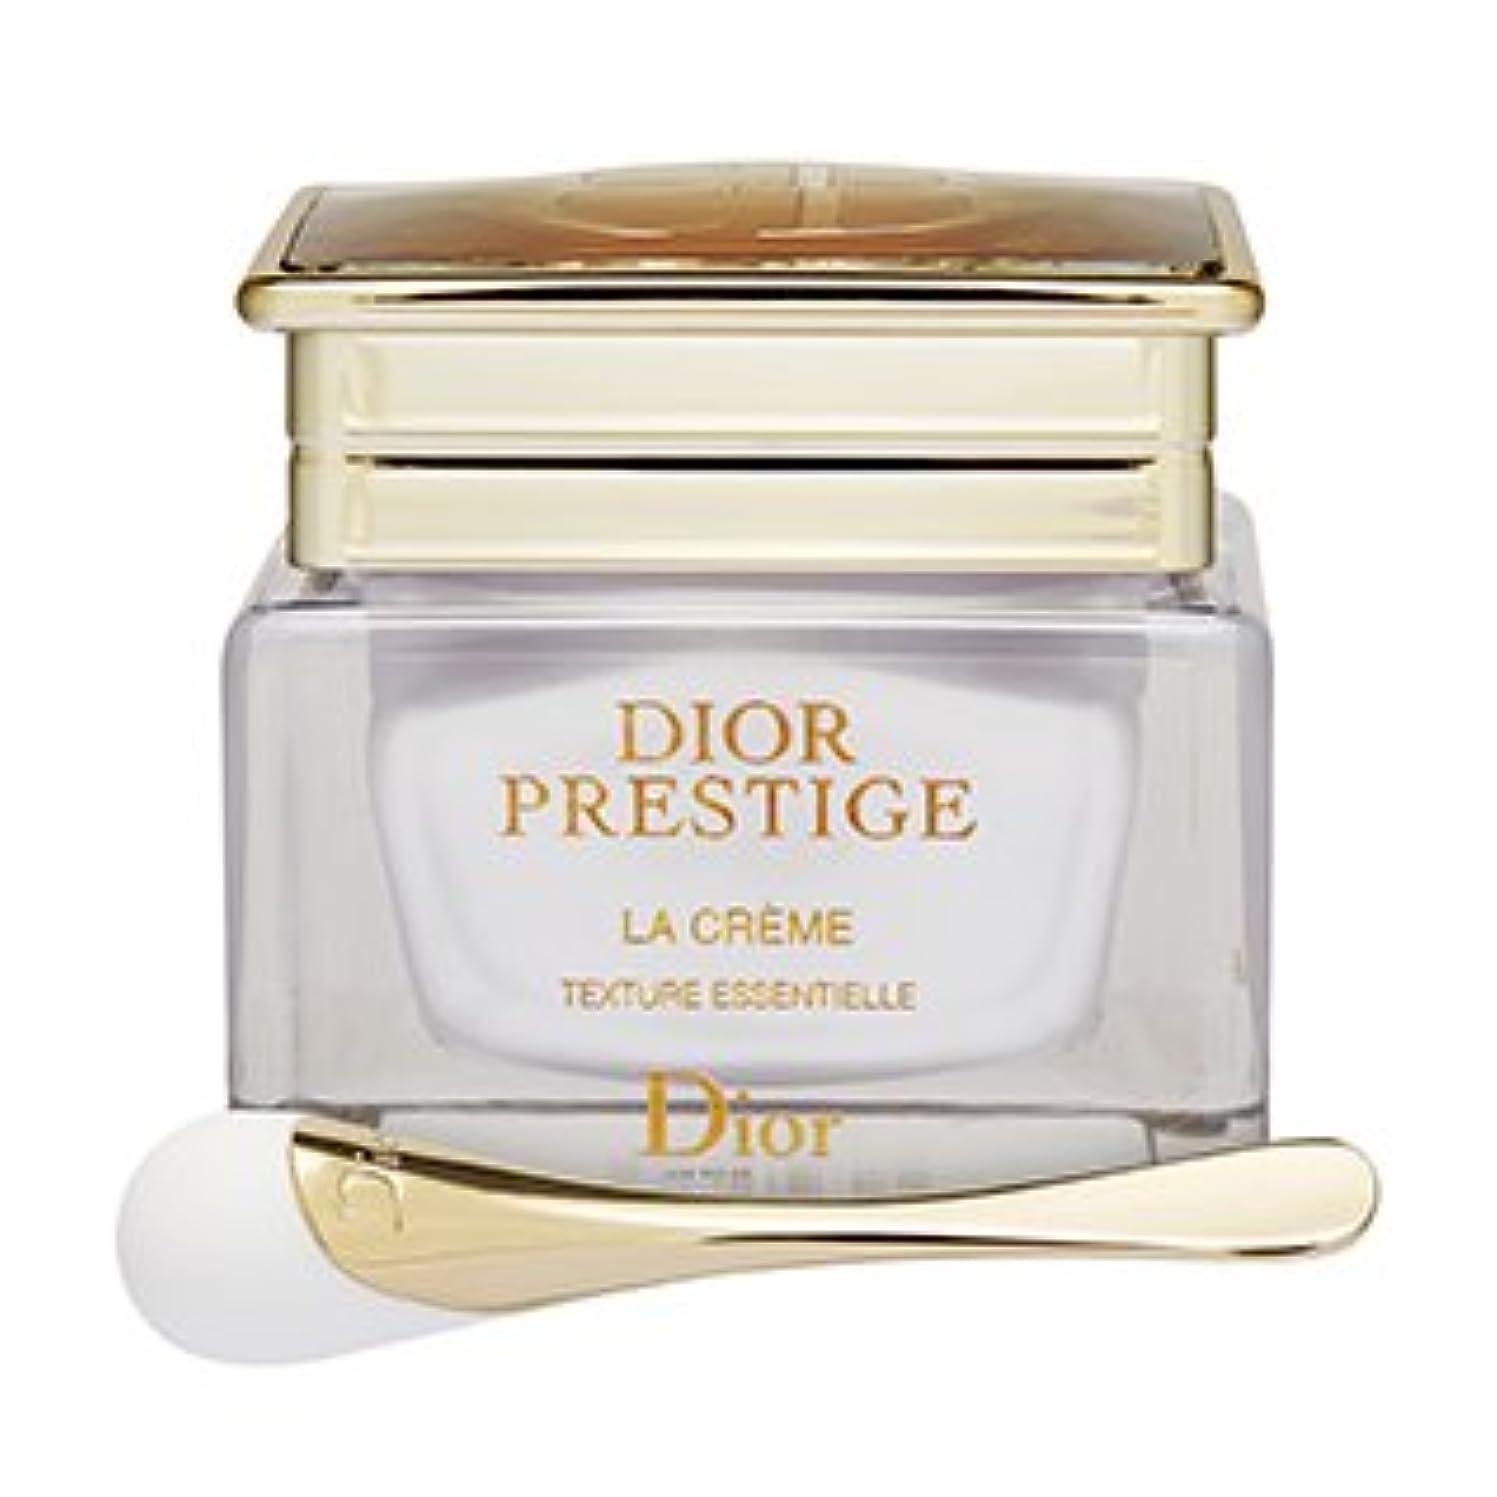 固執キャンディー不信ディオール(Dior) プレステージ ラ クレーム - 極上のテクスチャー [並行輸入品]